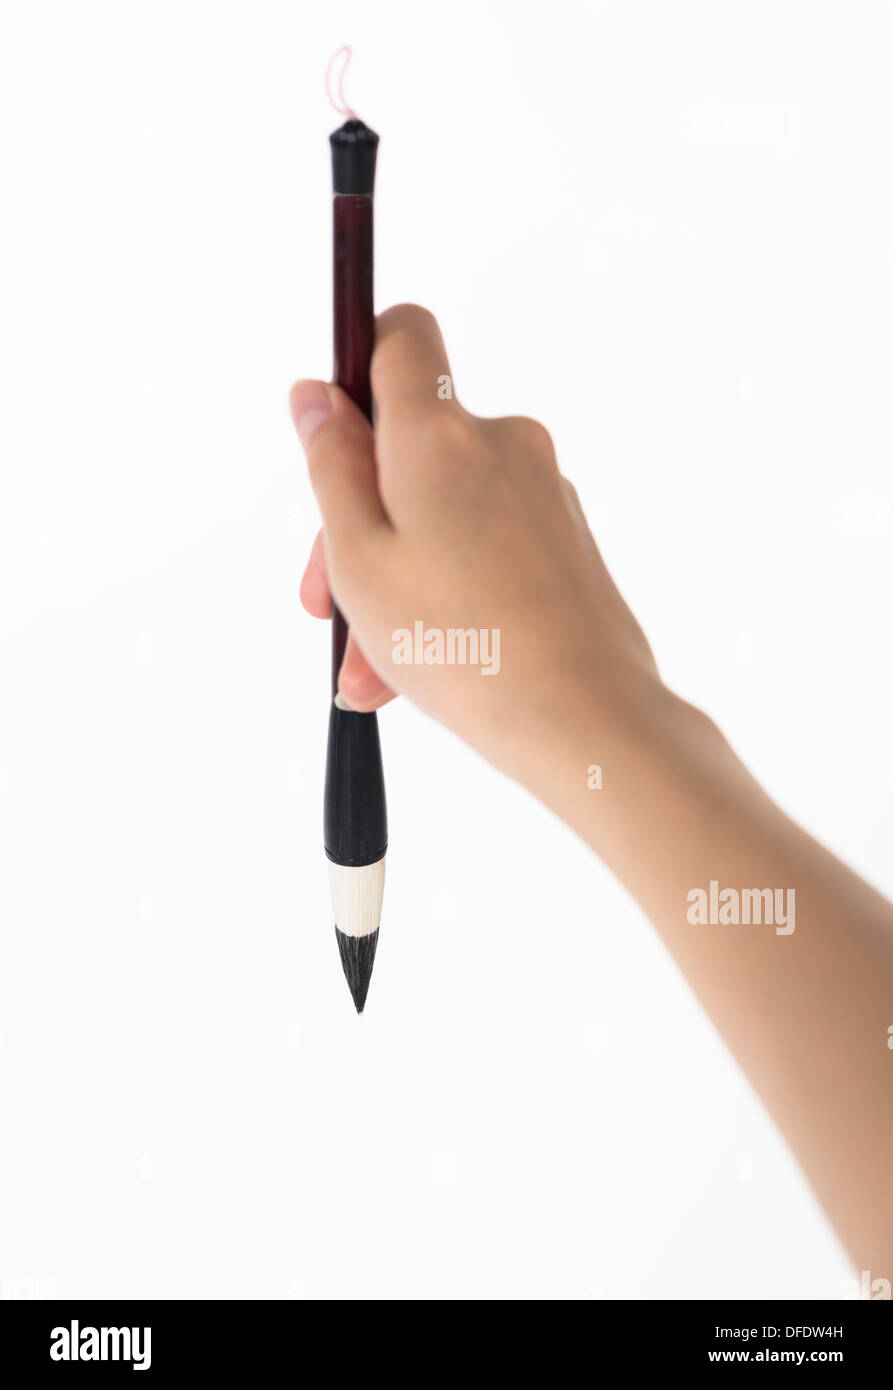 writing brush in man's hand - Stock Image